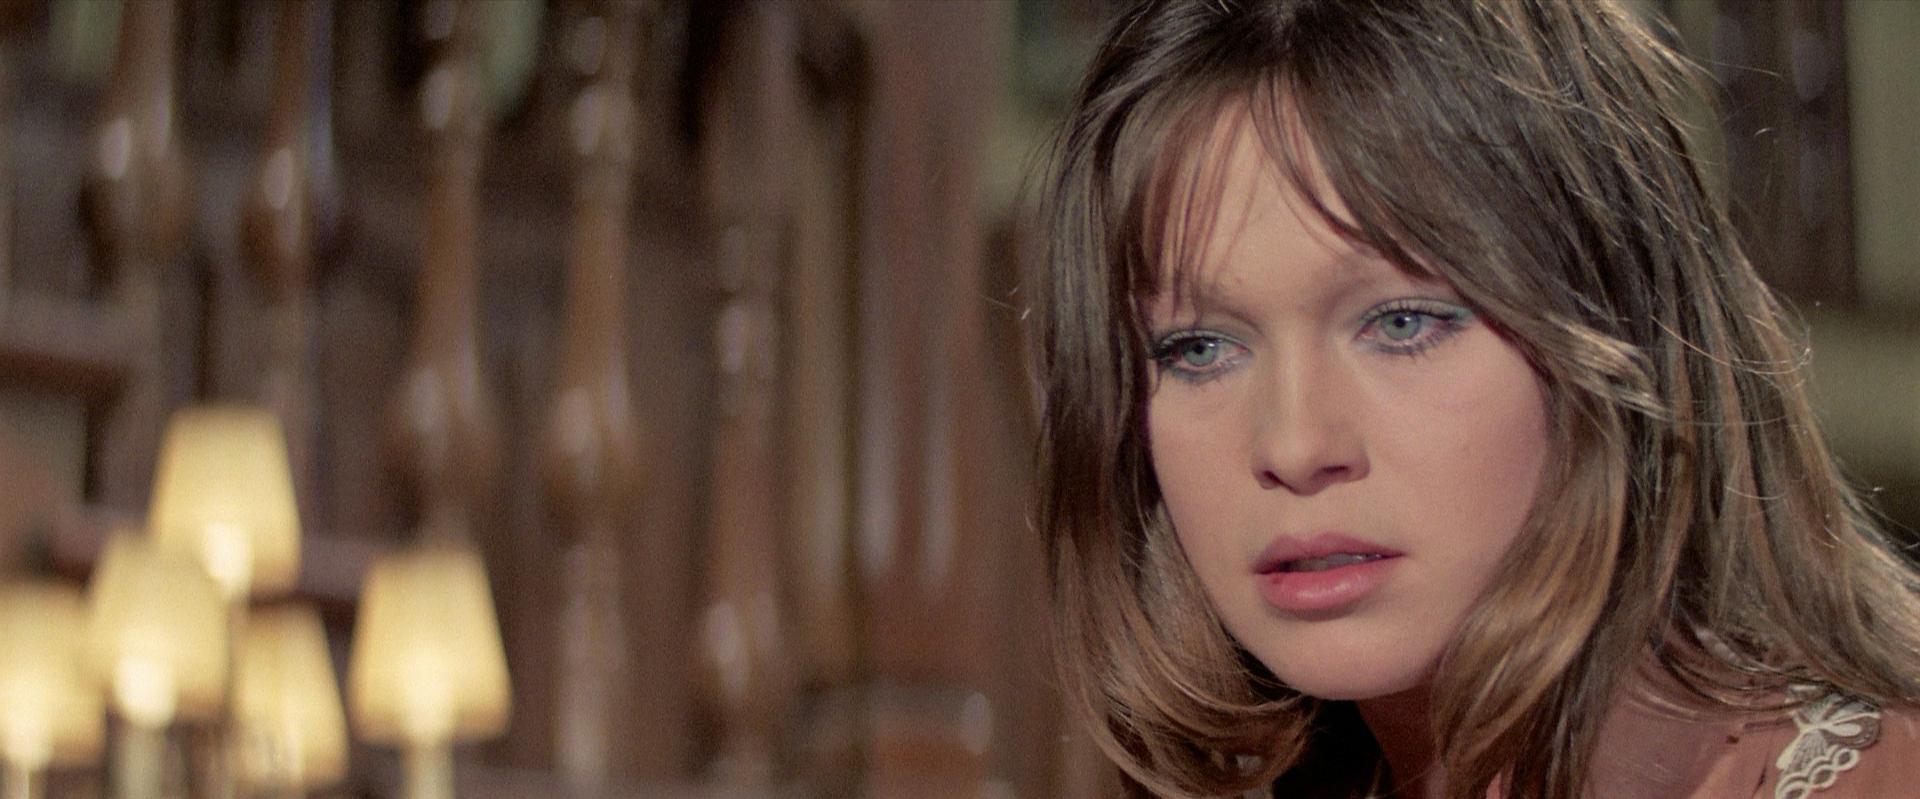 Marisol in La corrupción de Chris Miller (1973)